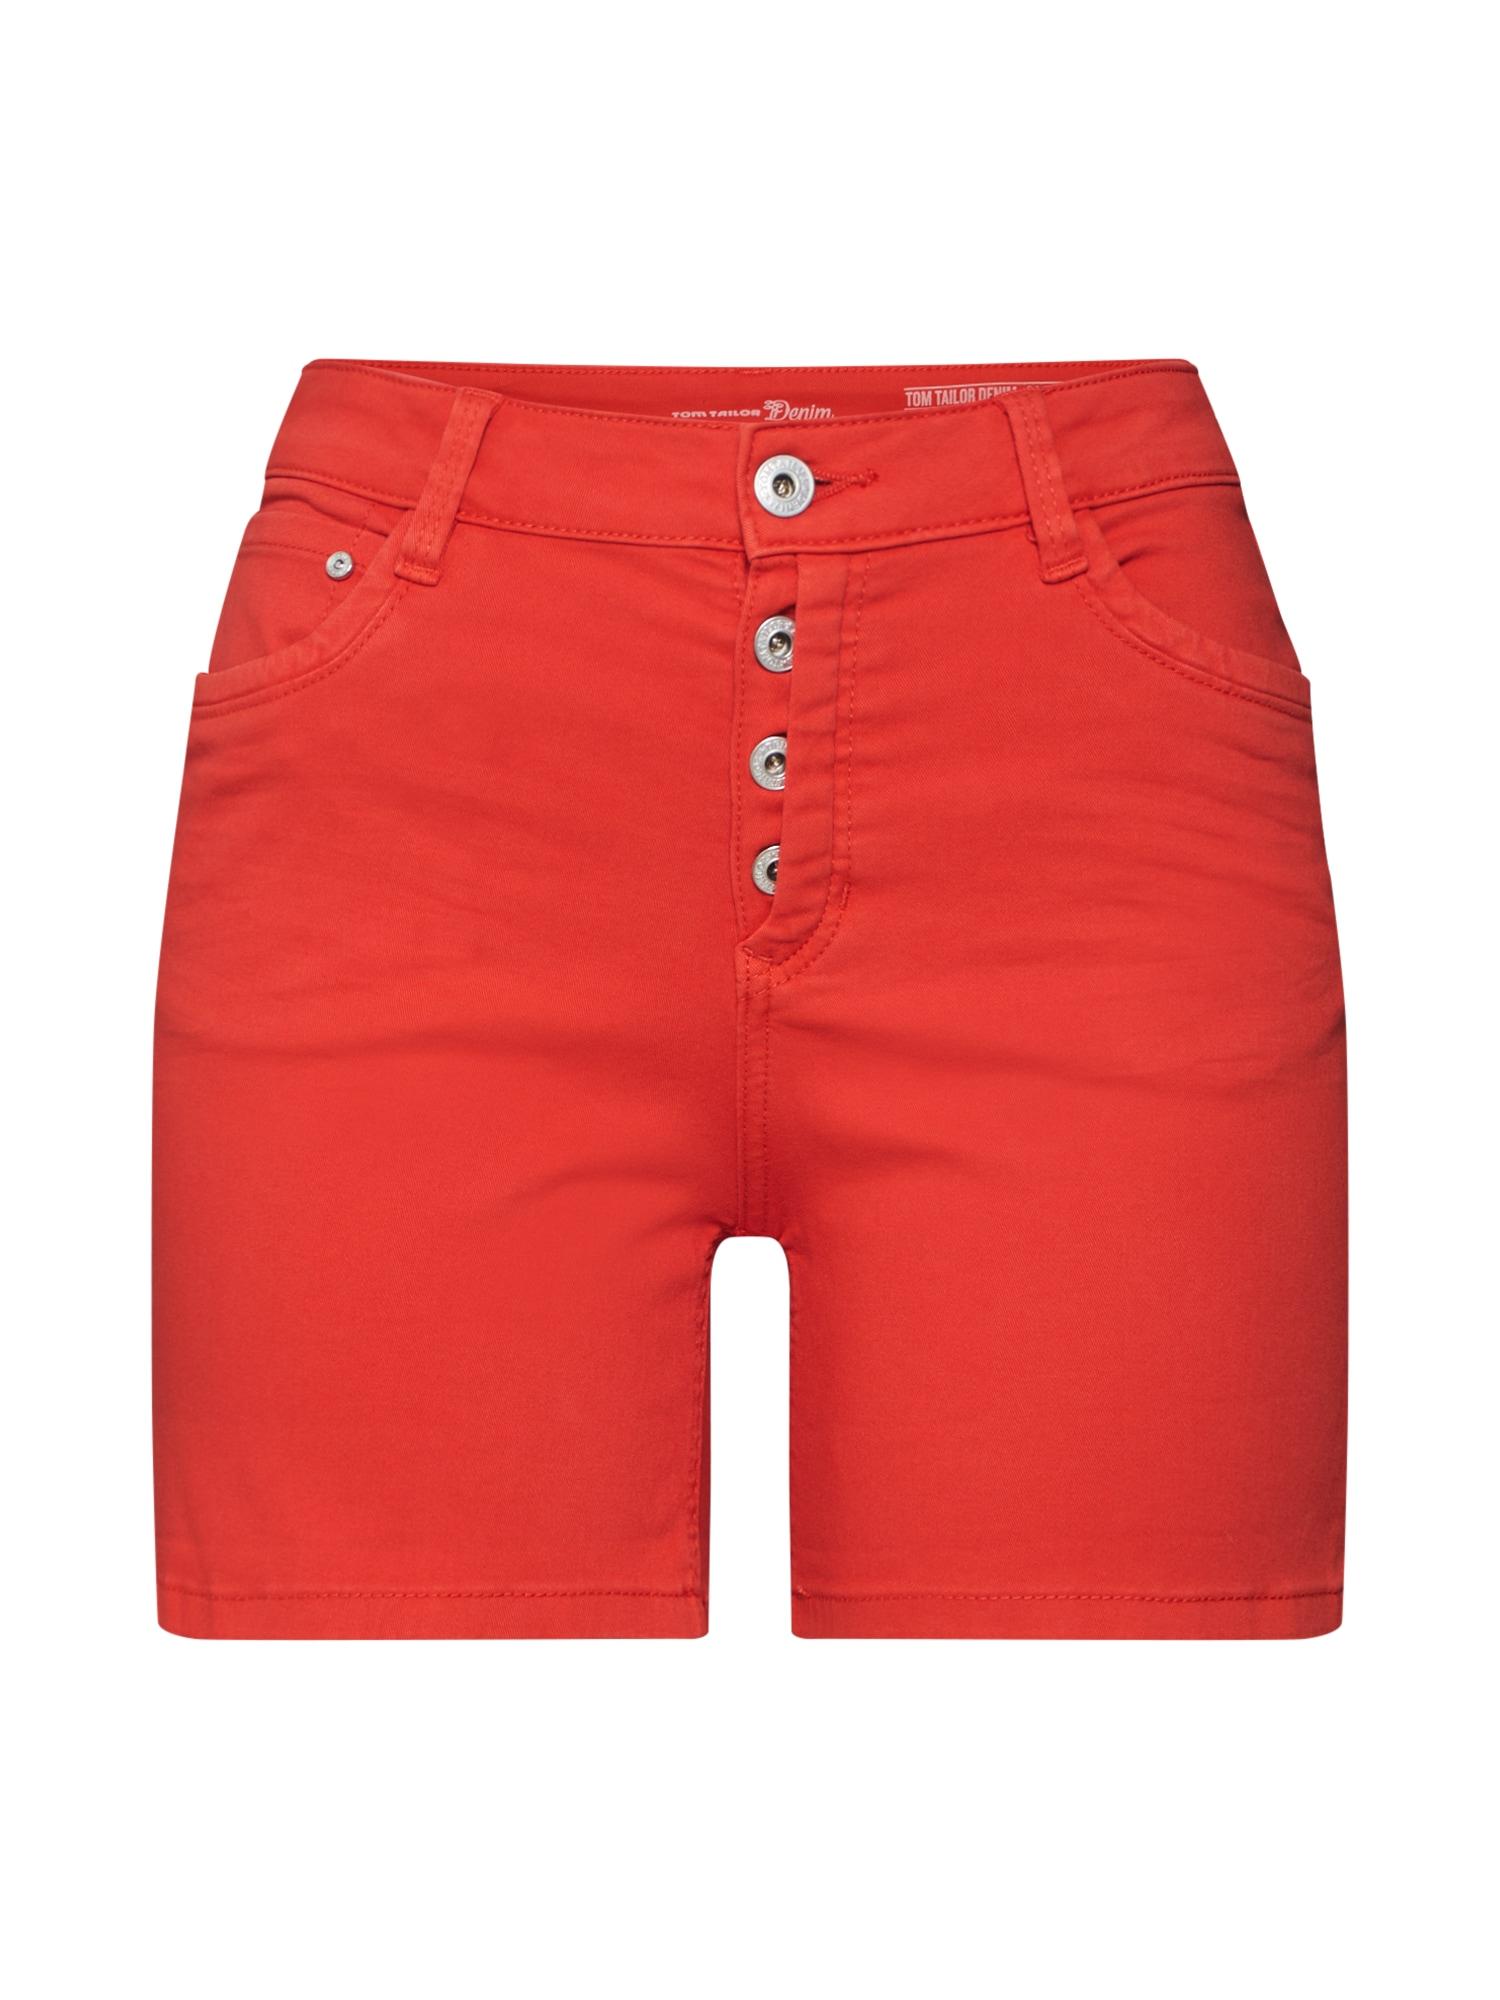 Džíny Cajsa oranžově červená TOM TAILOR DENIM